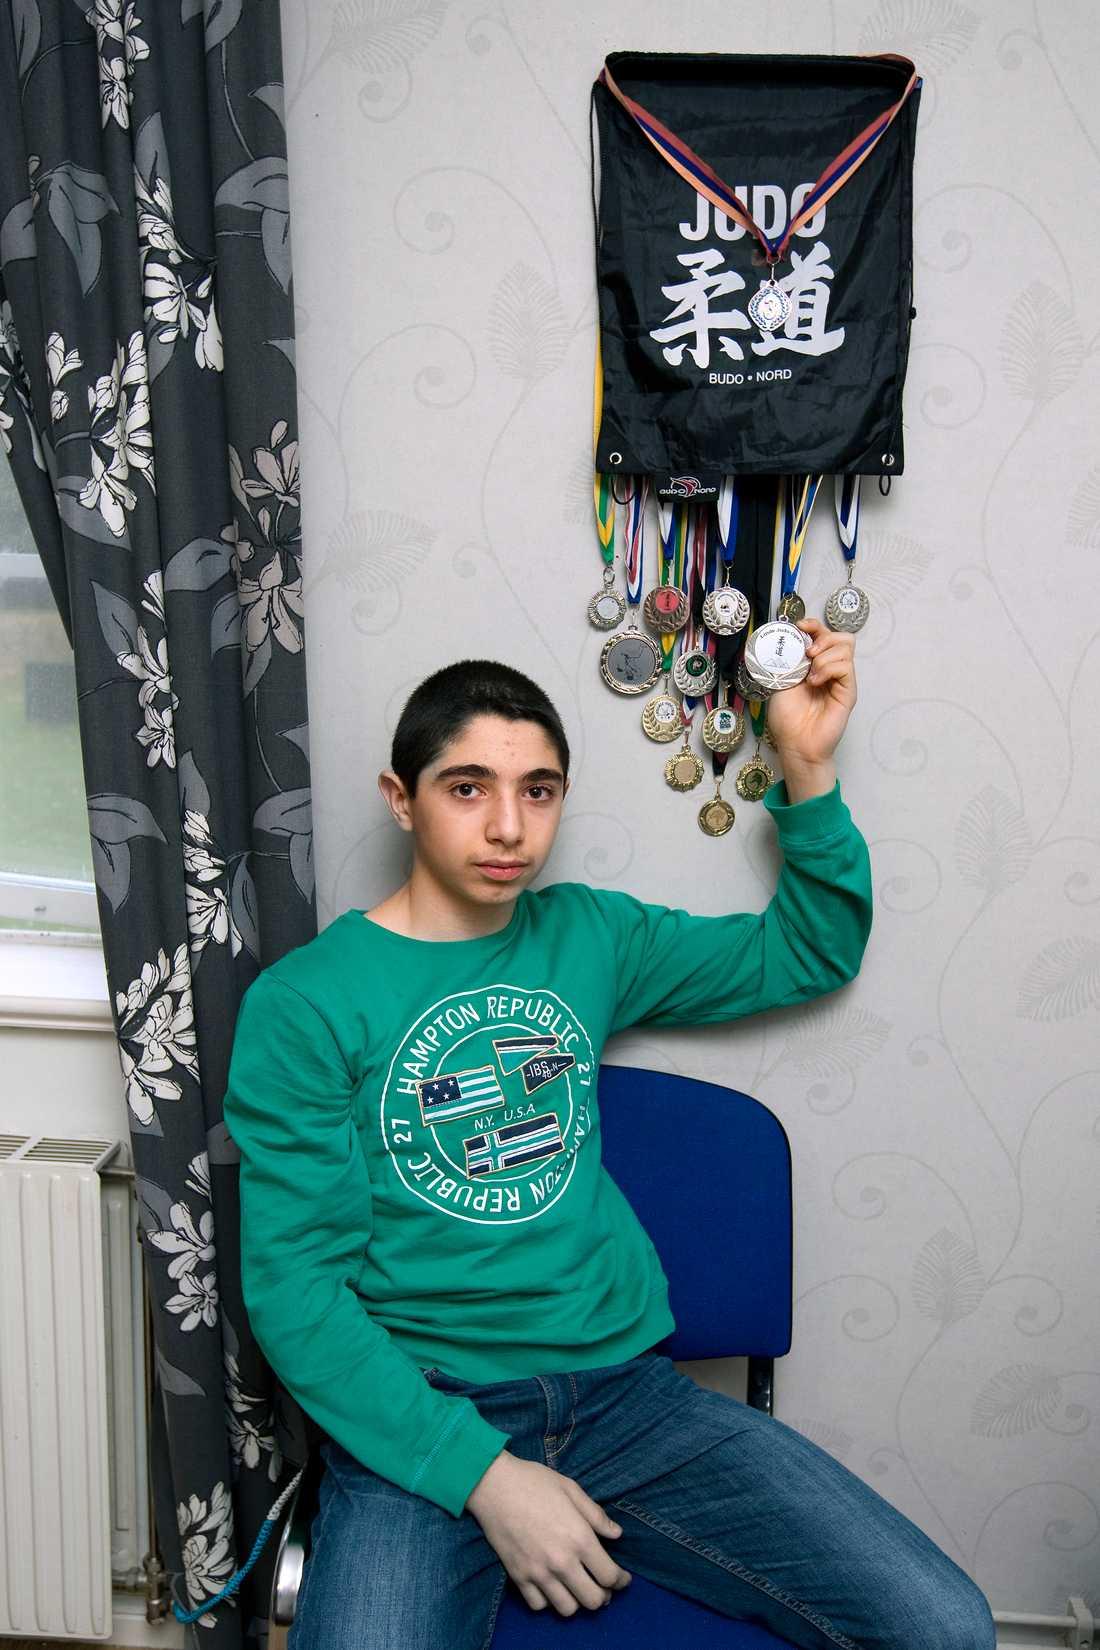 Arsens bror Vache har just graderat i judo och fått de här priserna.